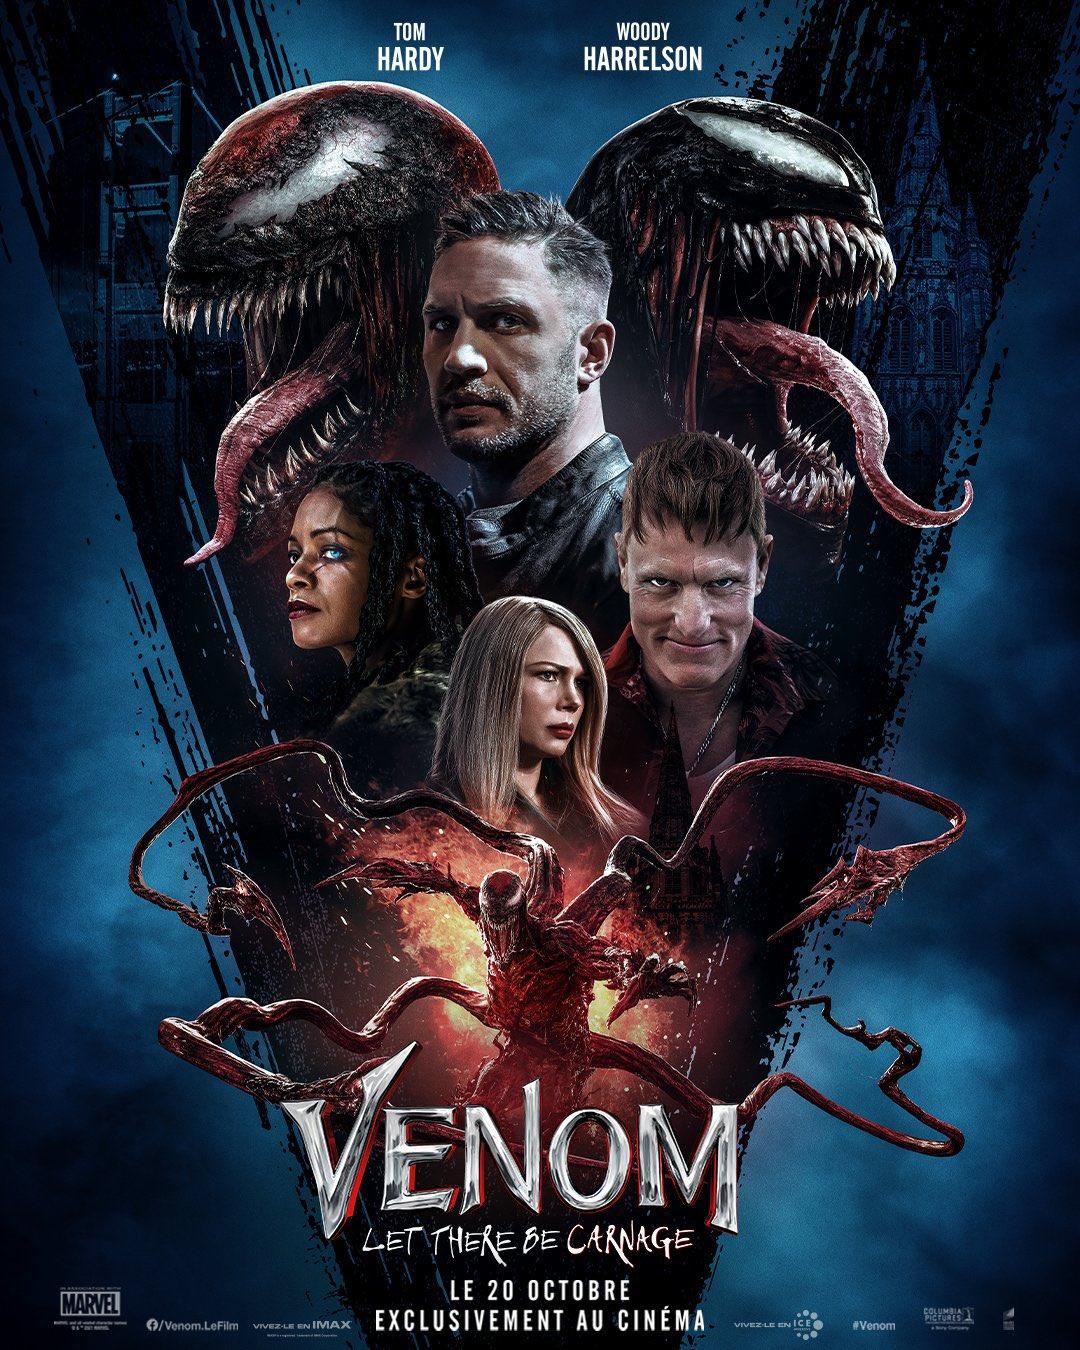 #Venom Twitter